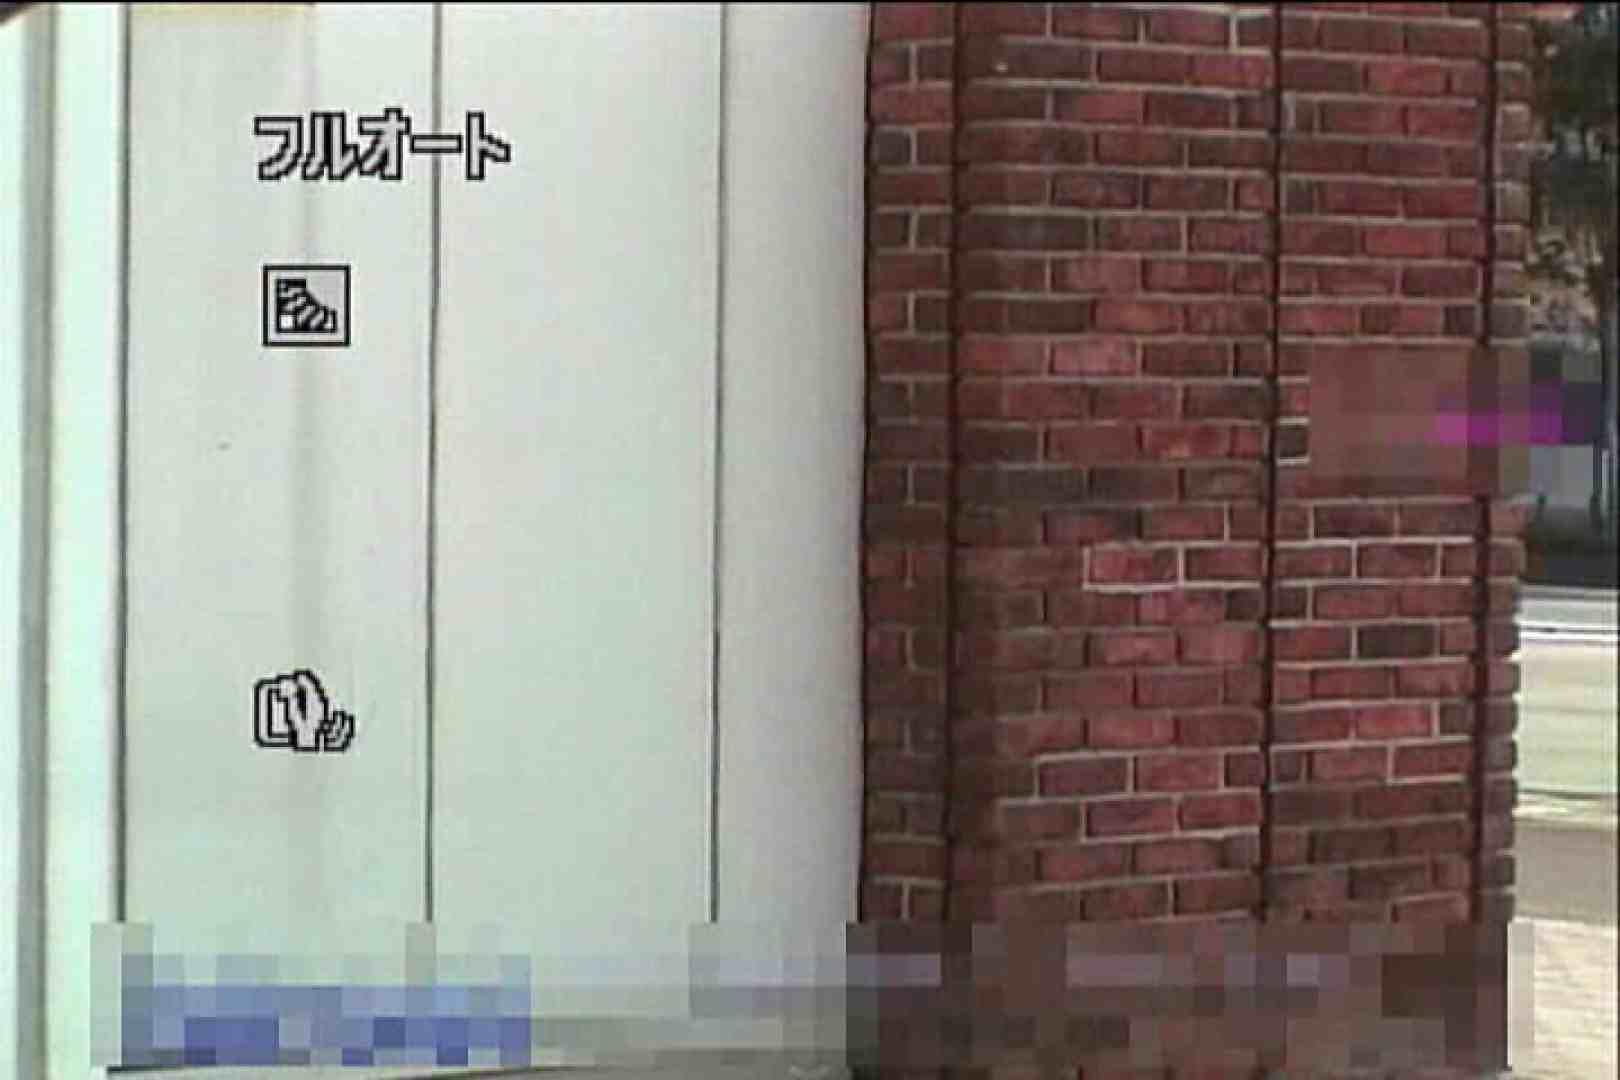 2点盗撮洗面所潜入レポートVol.6 フリーハンド   洗面所  87pic 66